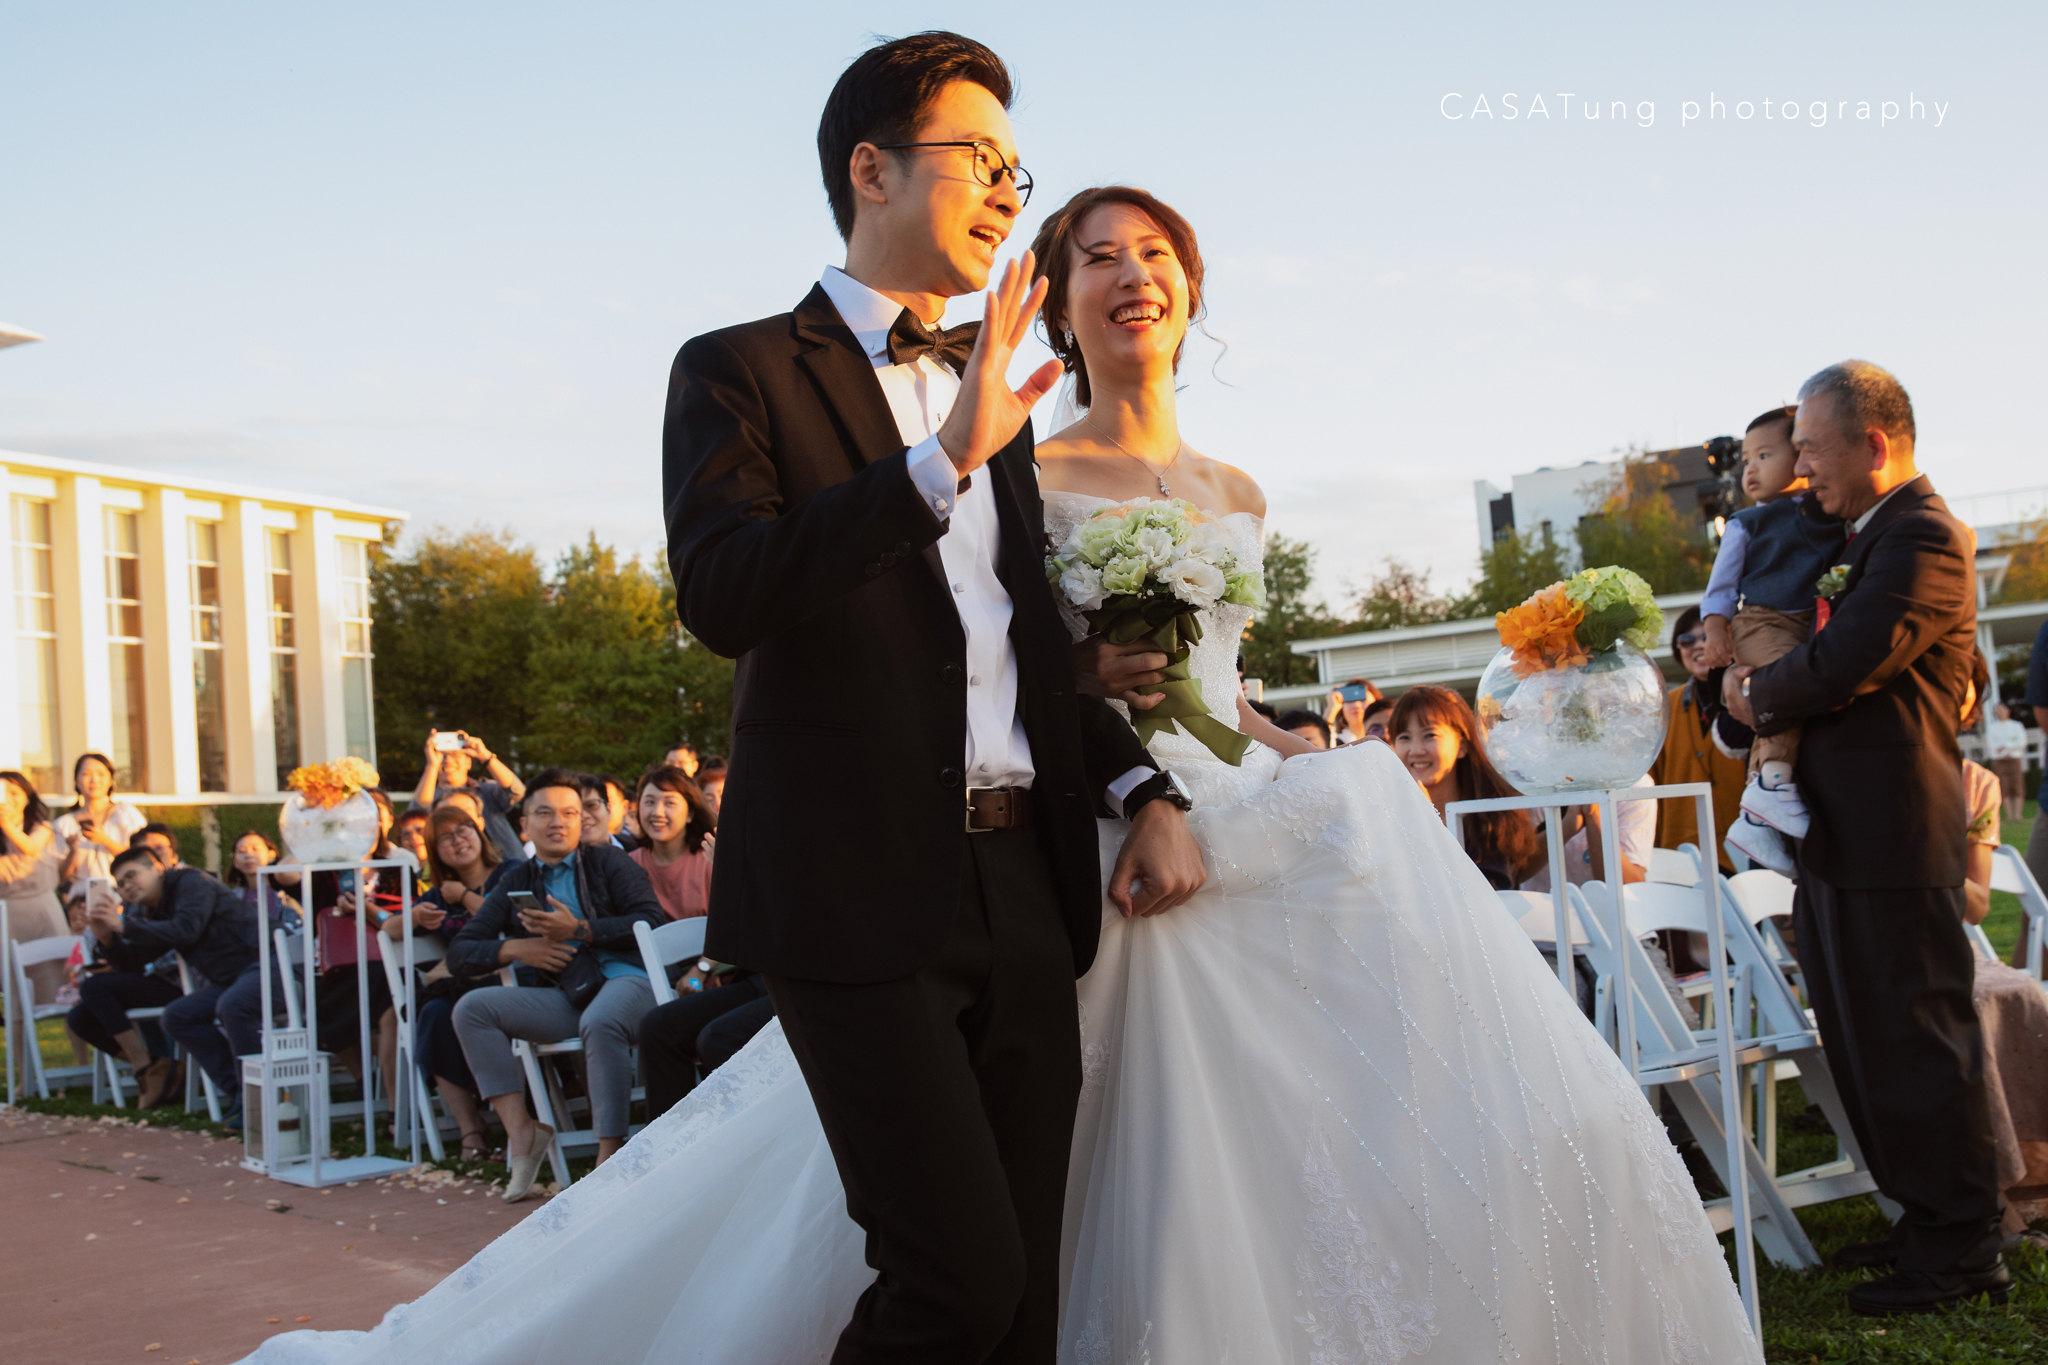 台中自助婚紗,旋轉木馬,心之芳庭,婚攝casa-48